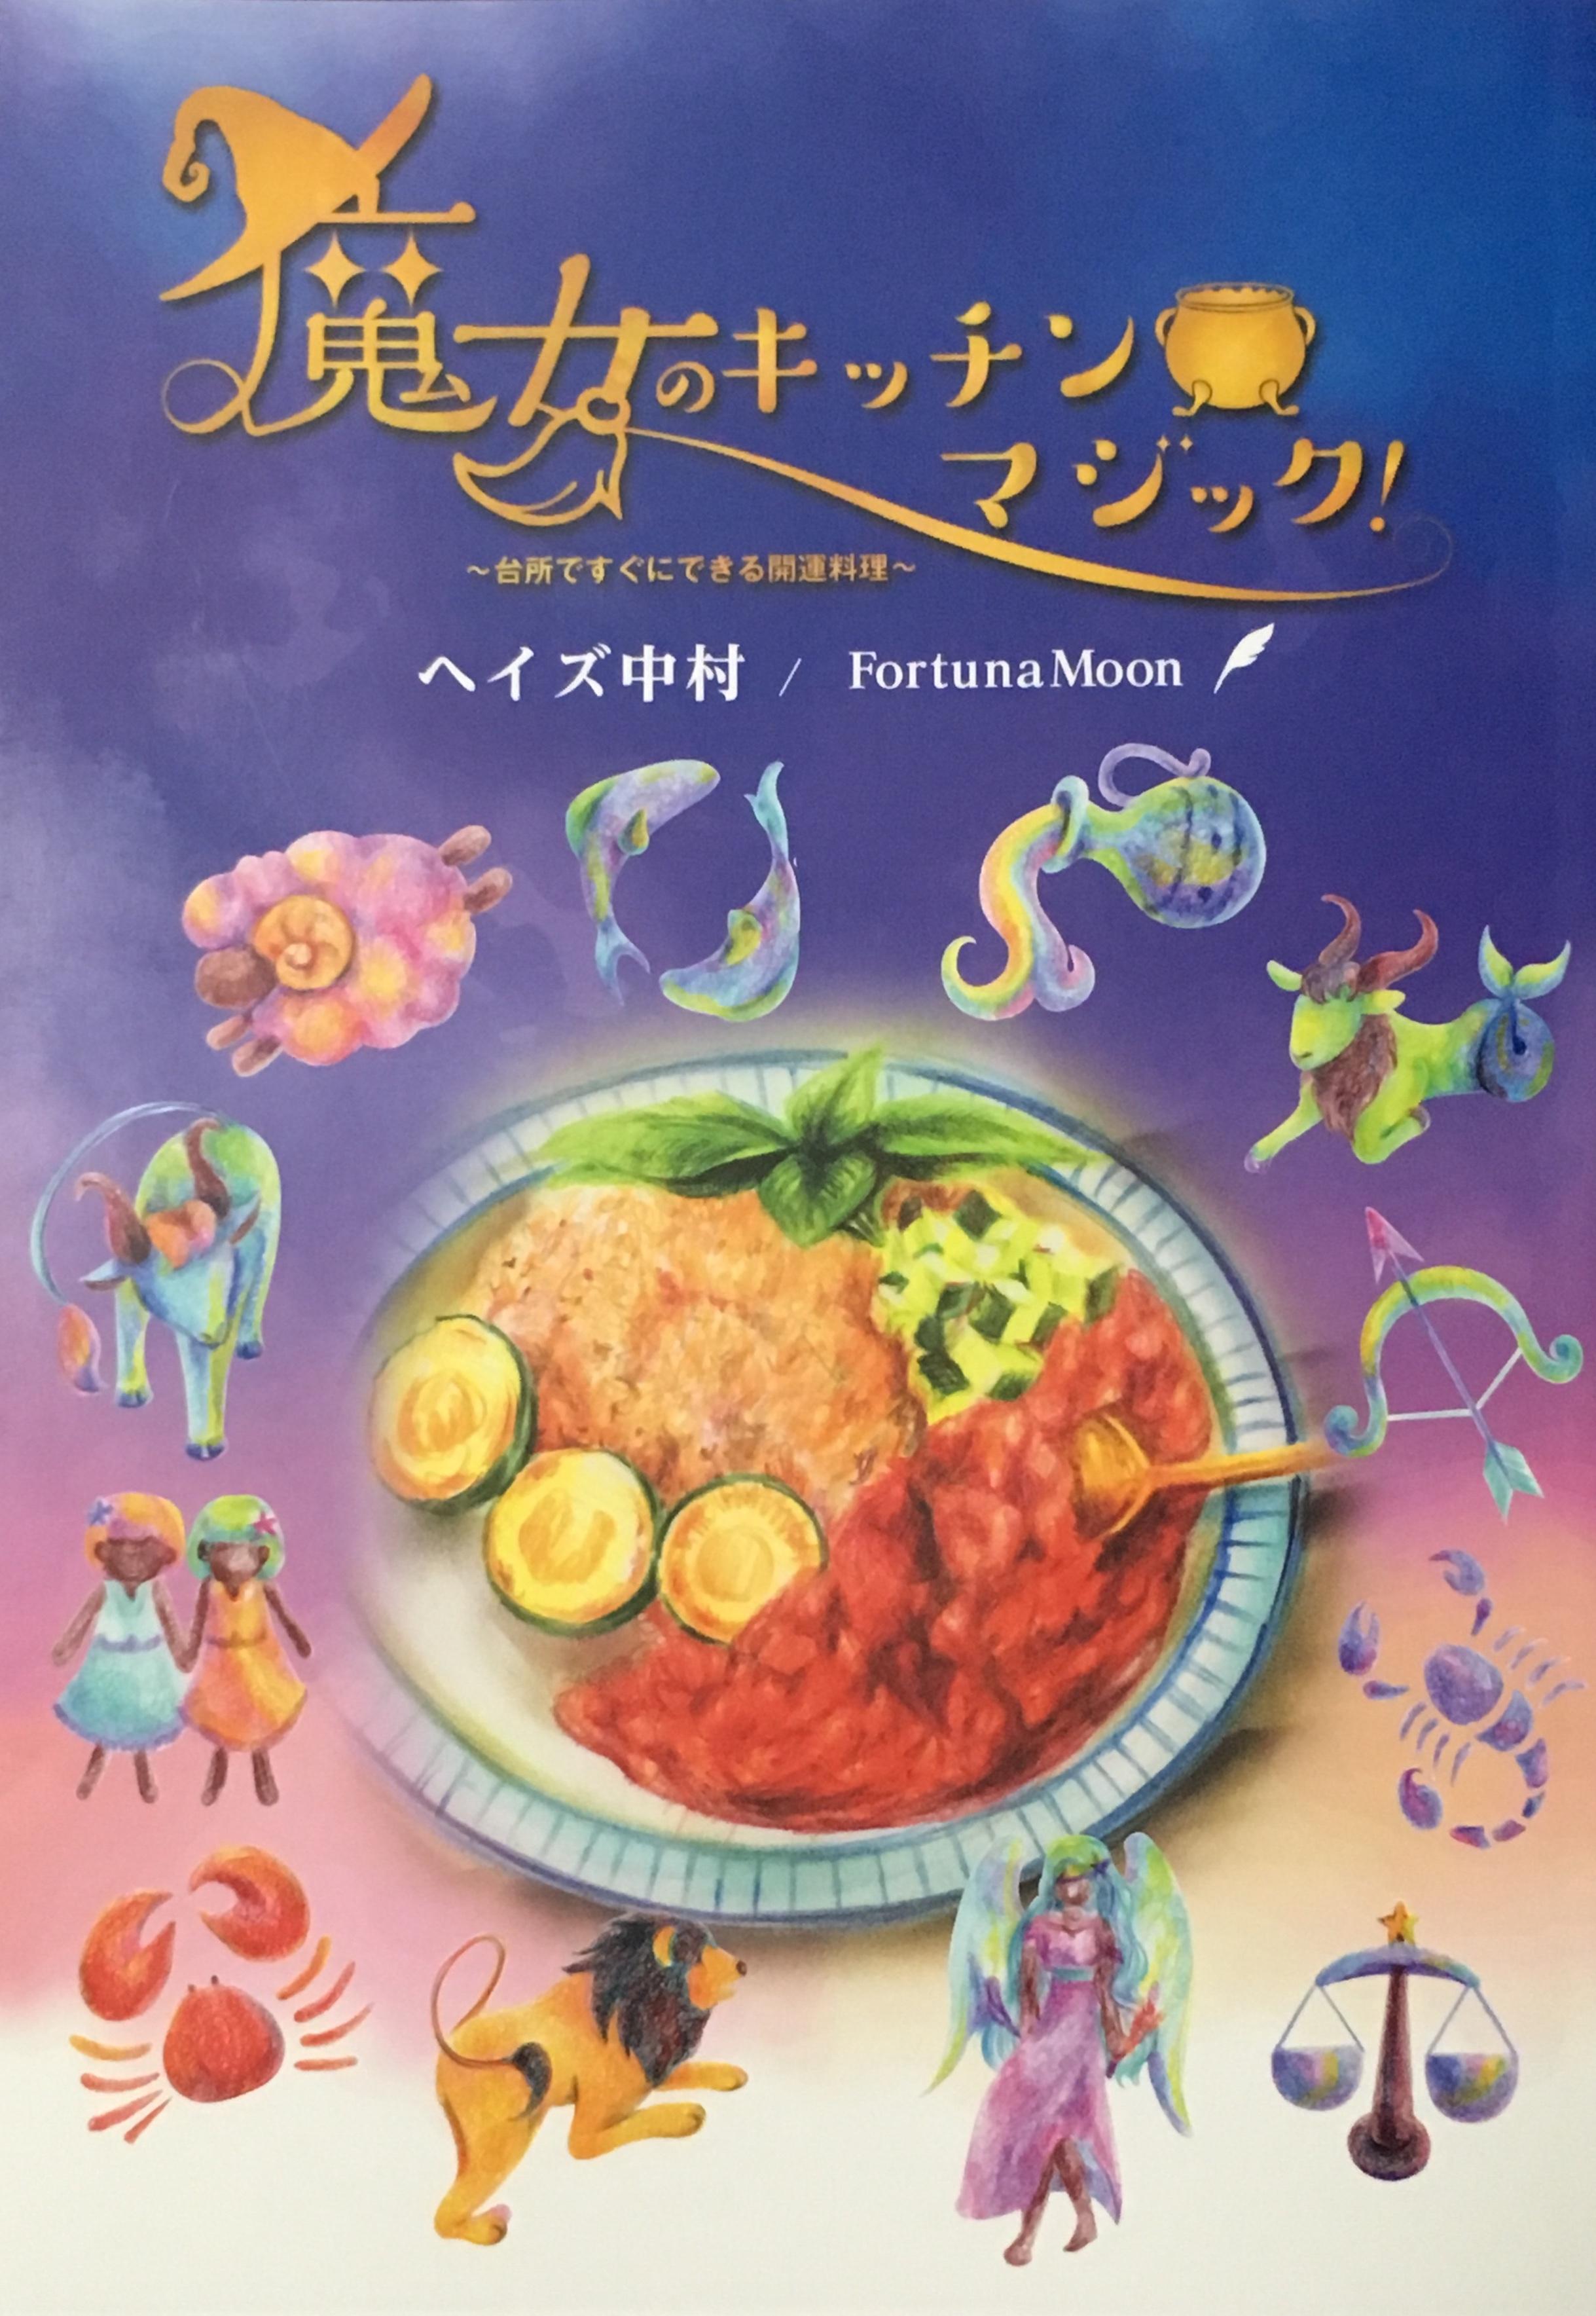 『魔女のキッチンマジック! 台所ですぐにできる開運料理』ヘイズ中村/FortunaMoon